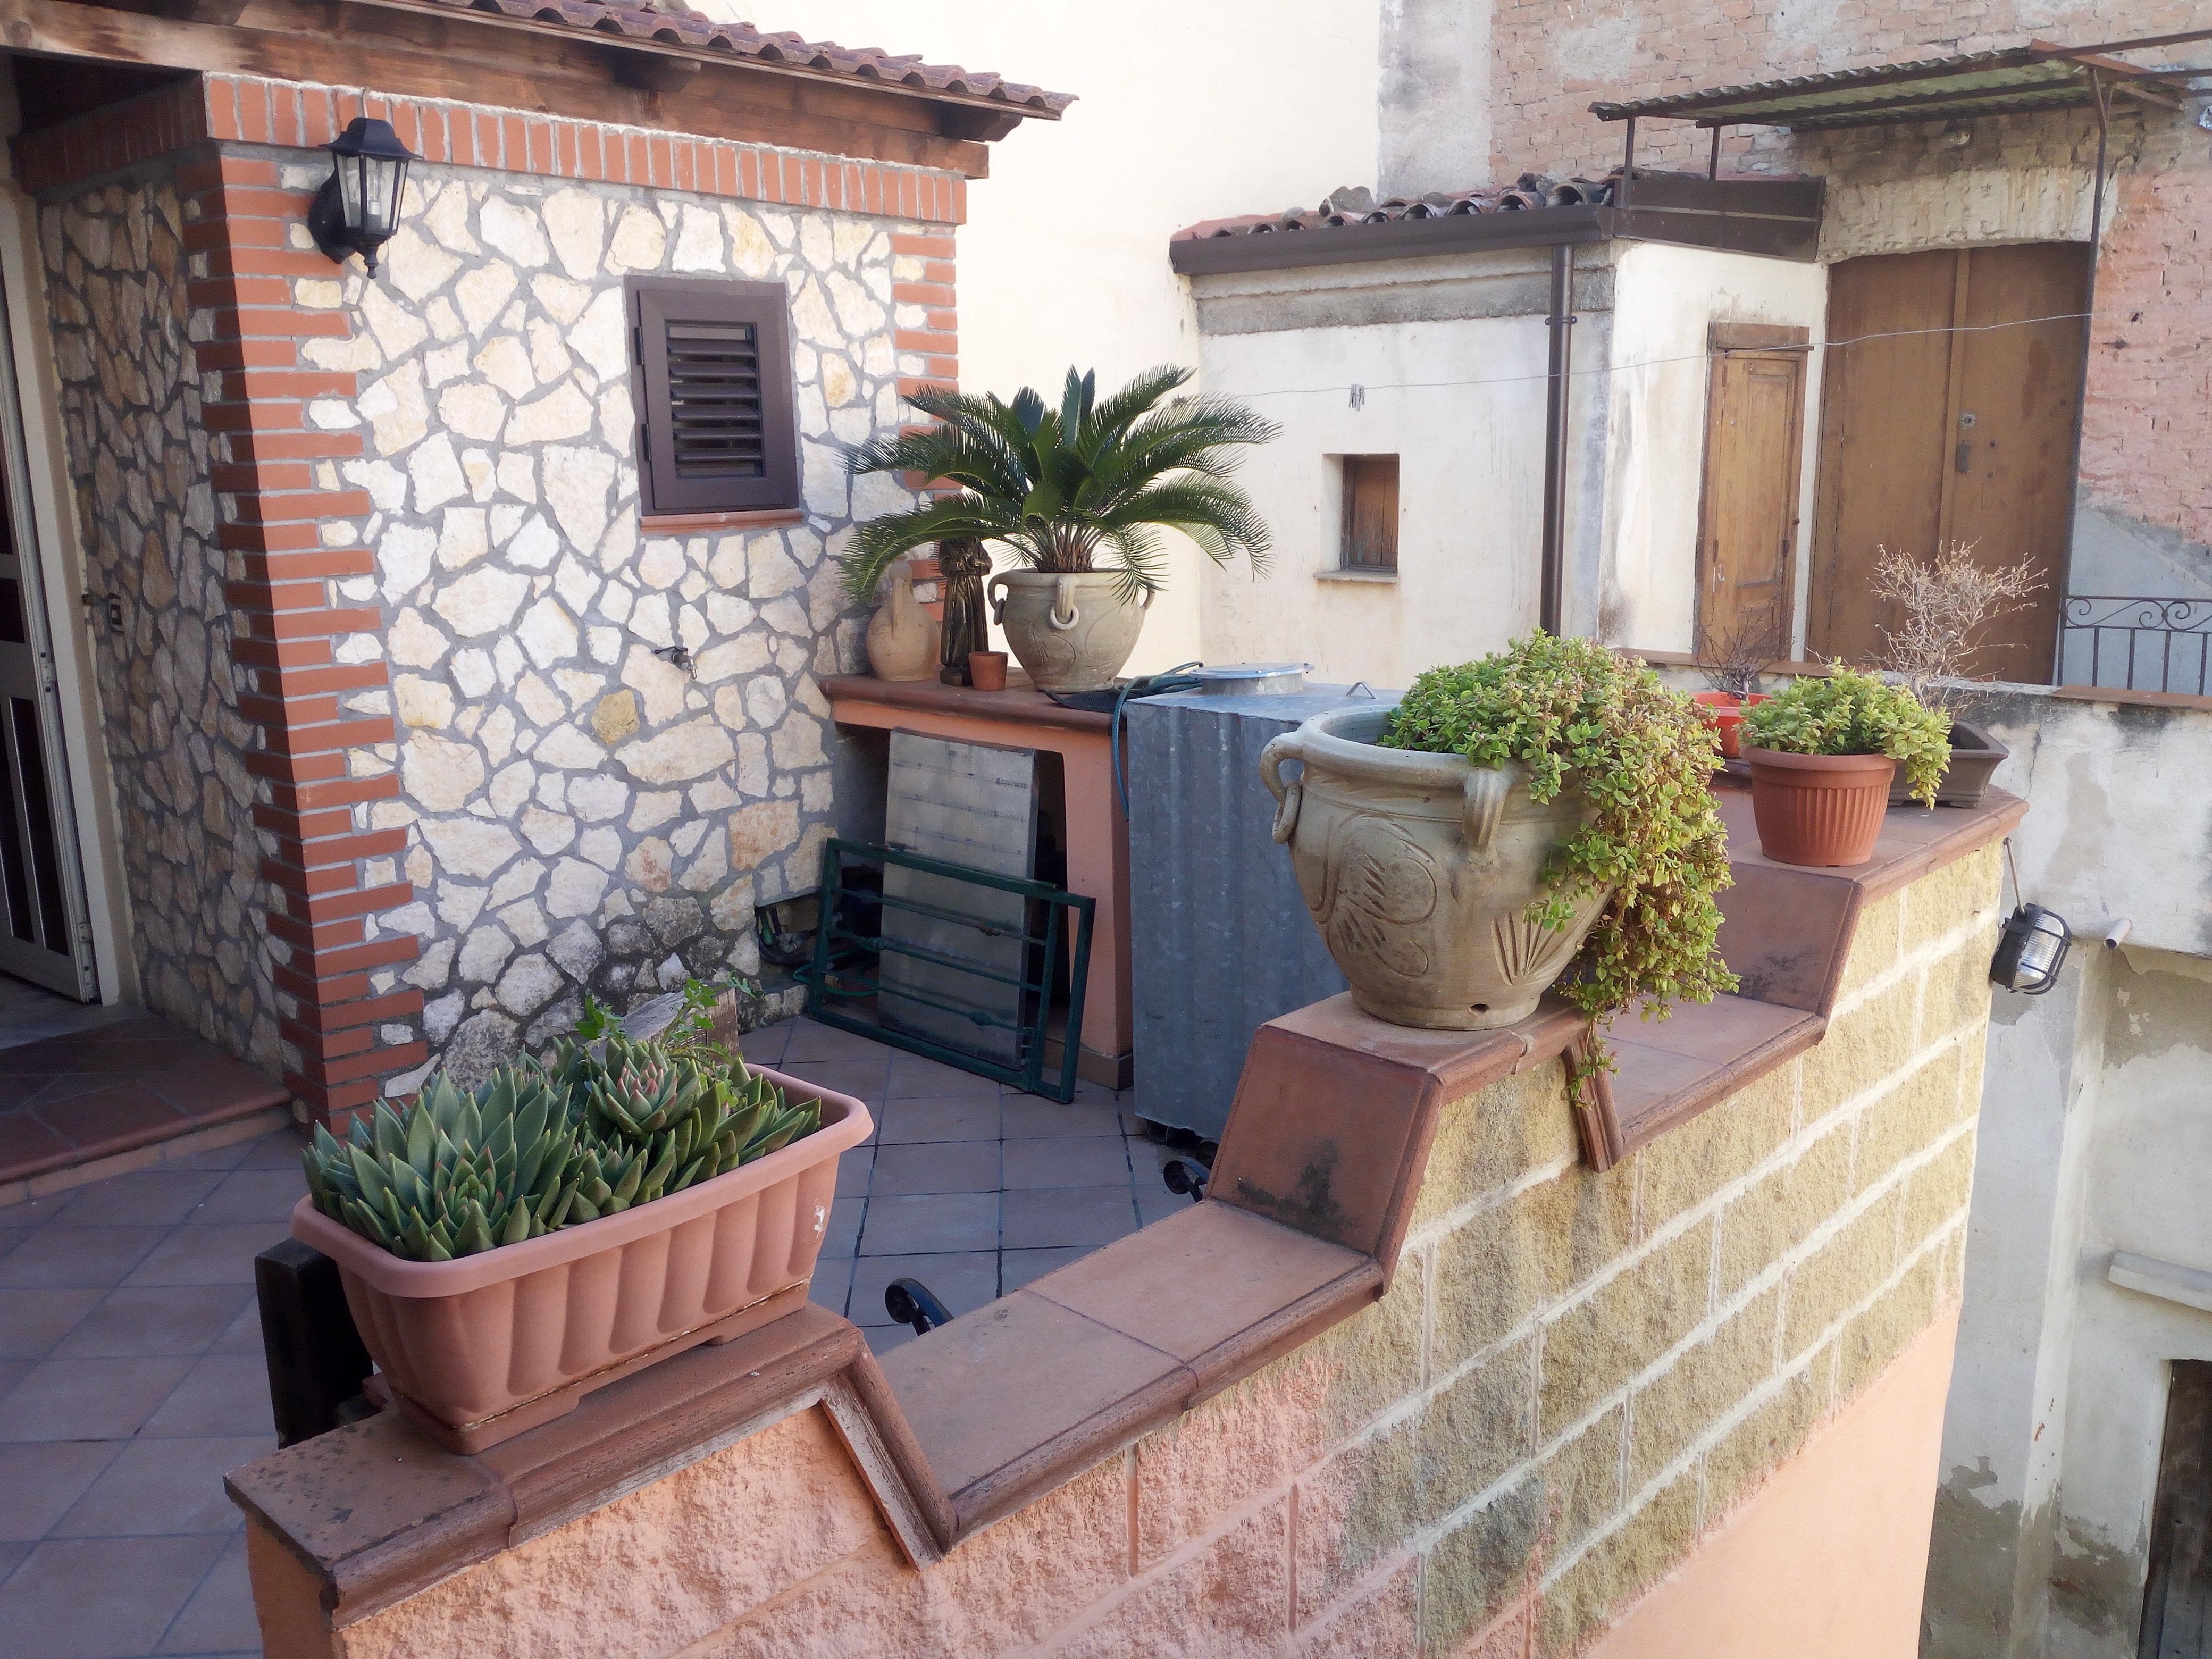 Casa indipendente in vendita a trebisacce cosenza 90 mq - Vendita casa trebisacce ...